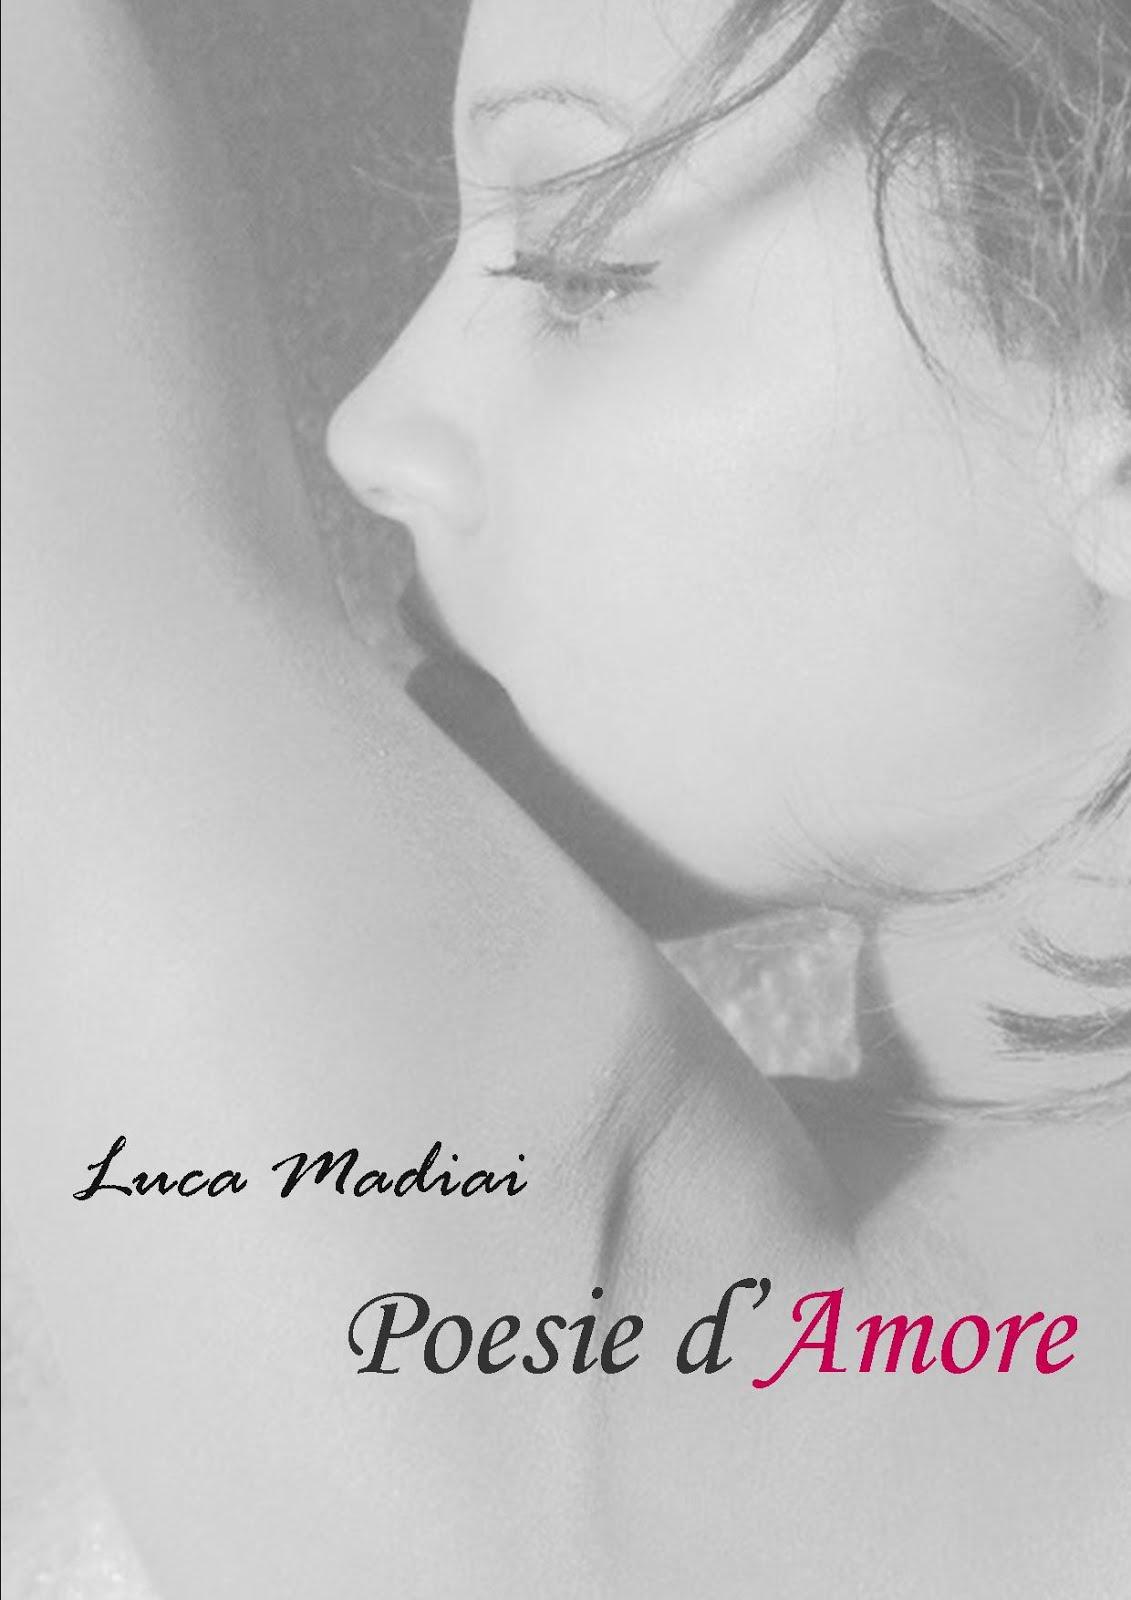 Poesie d'Amore